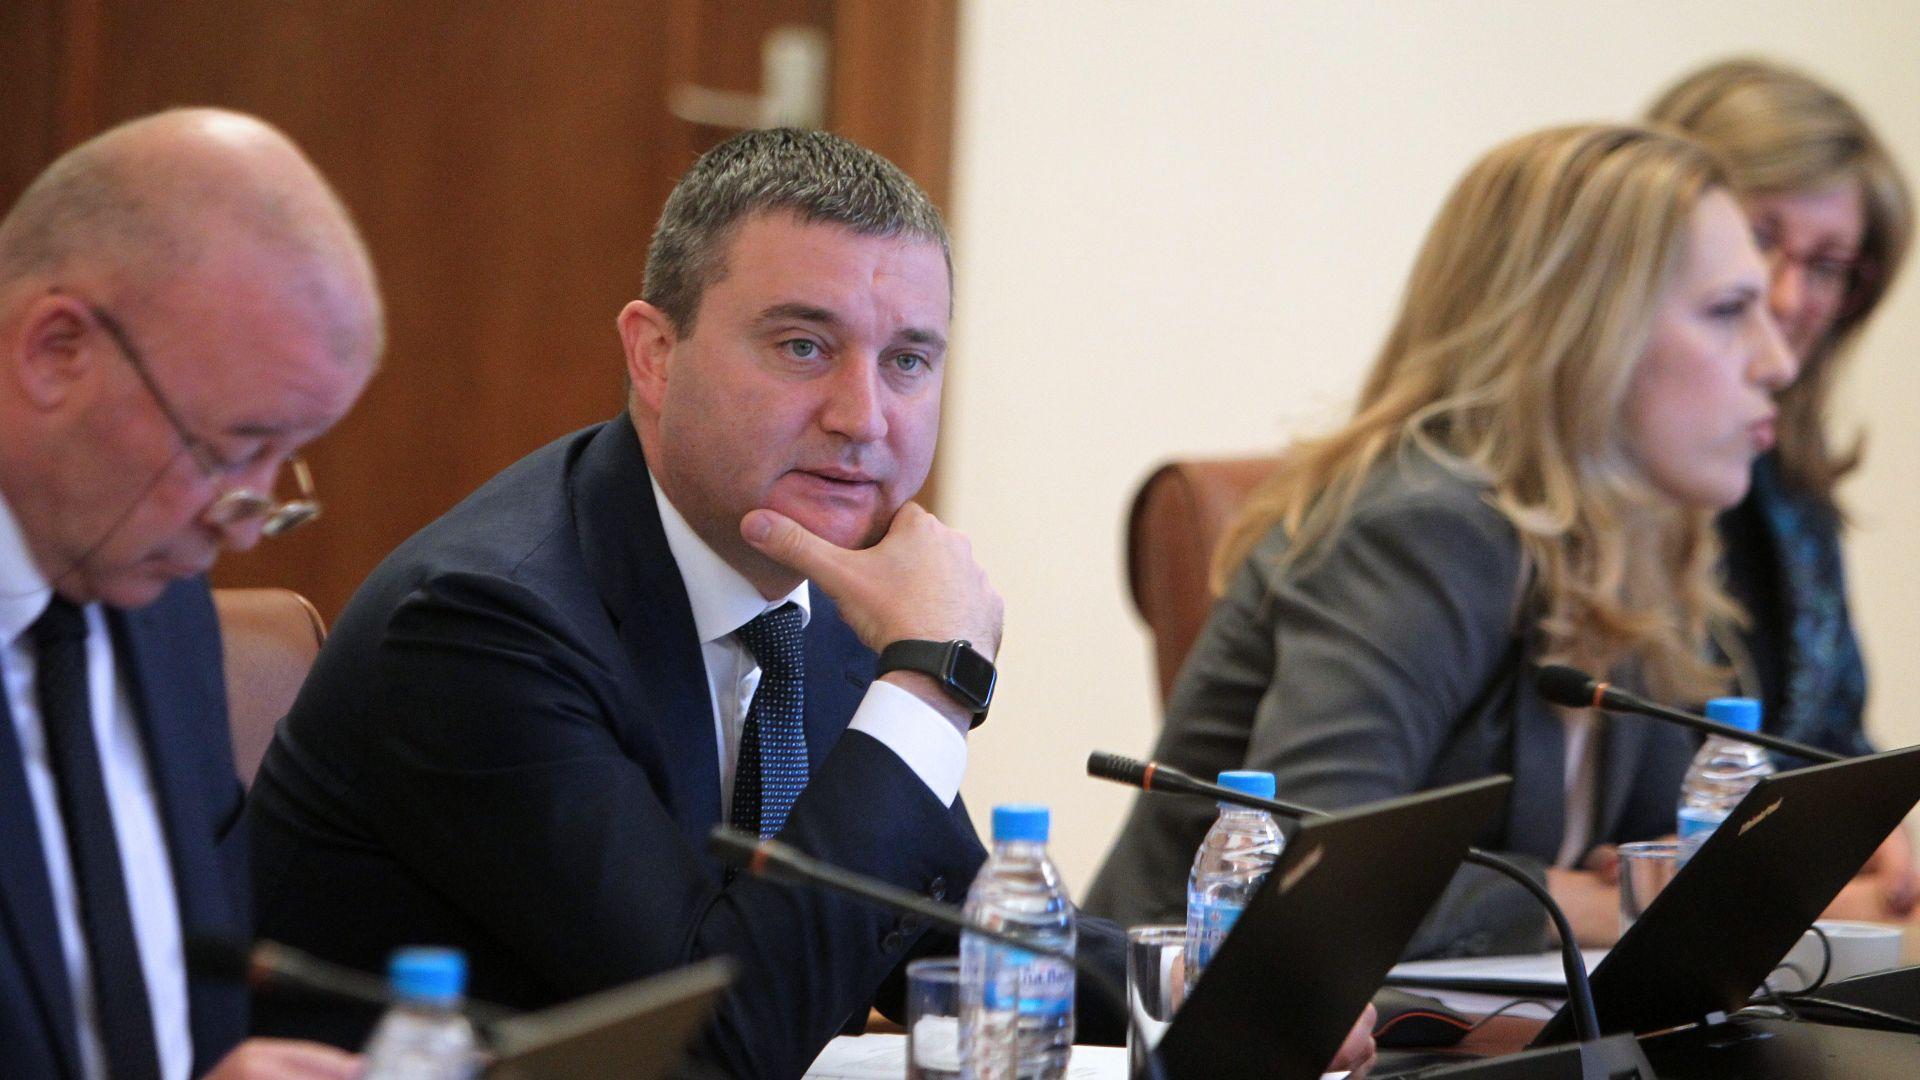 200 000 българи вземат над 9000 лв. заплата